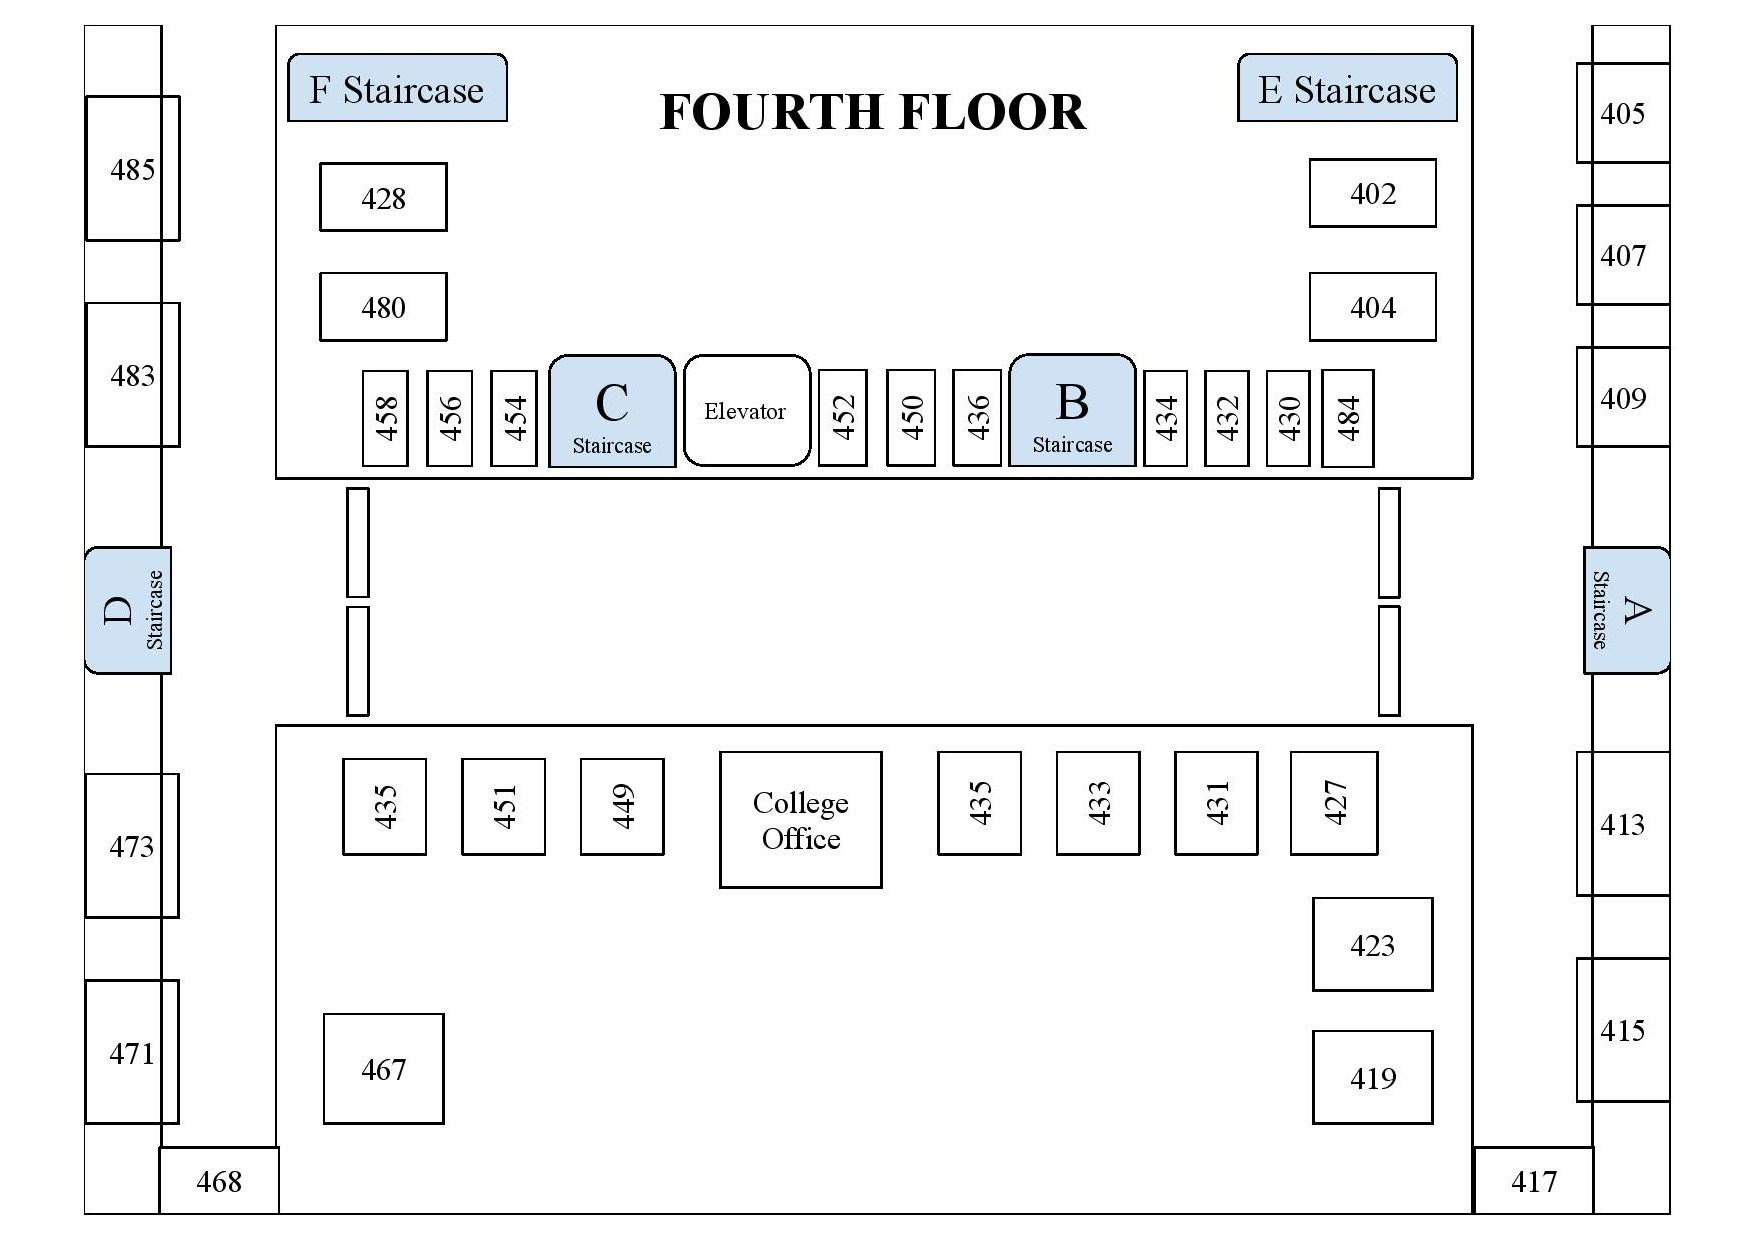 Campus Map- Fourth Floor